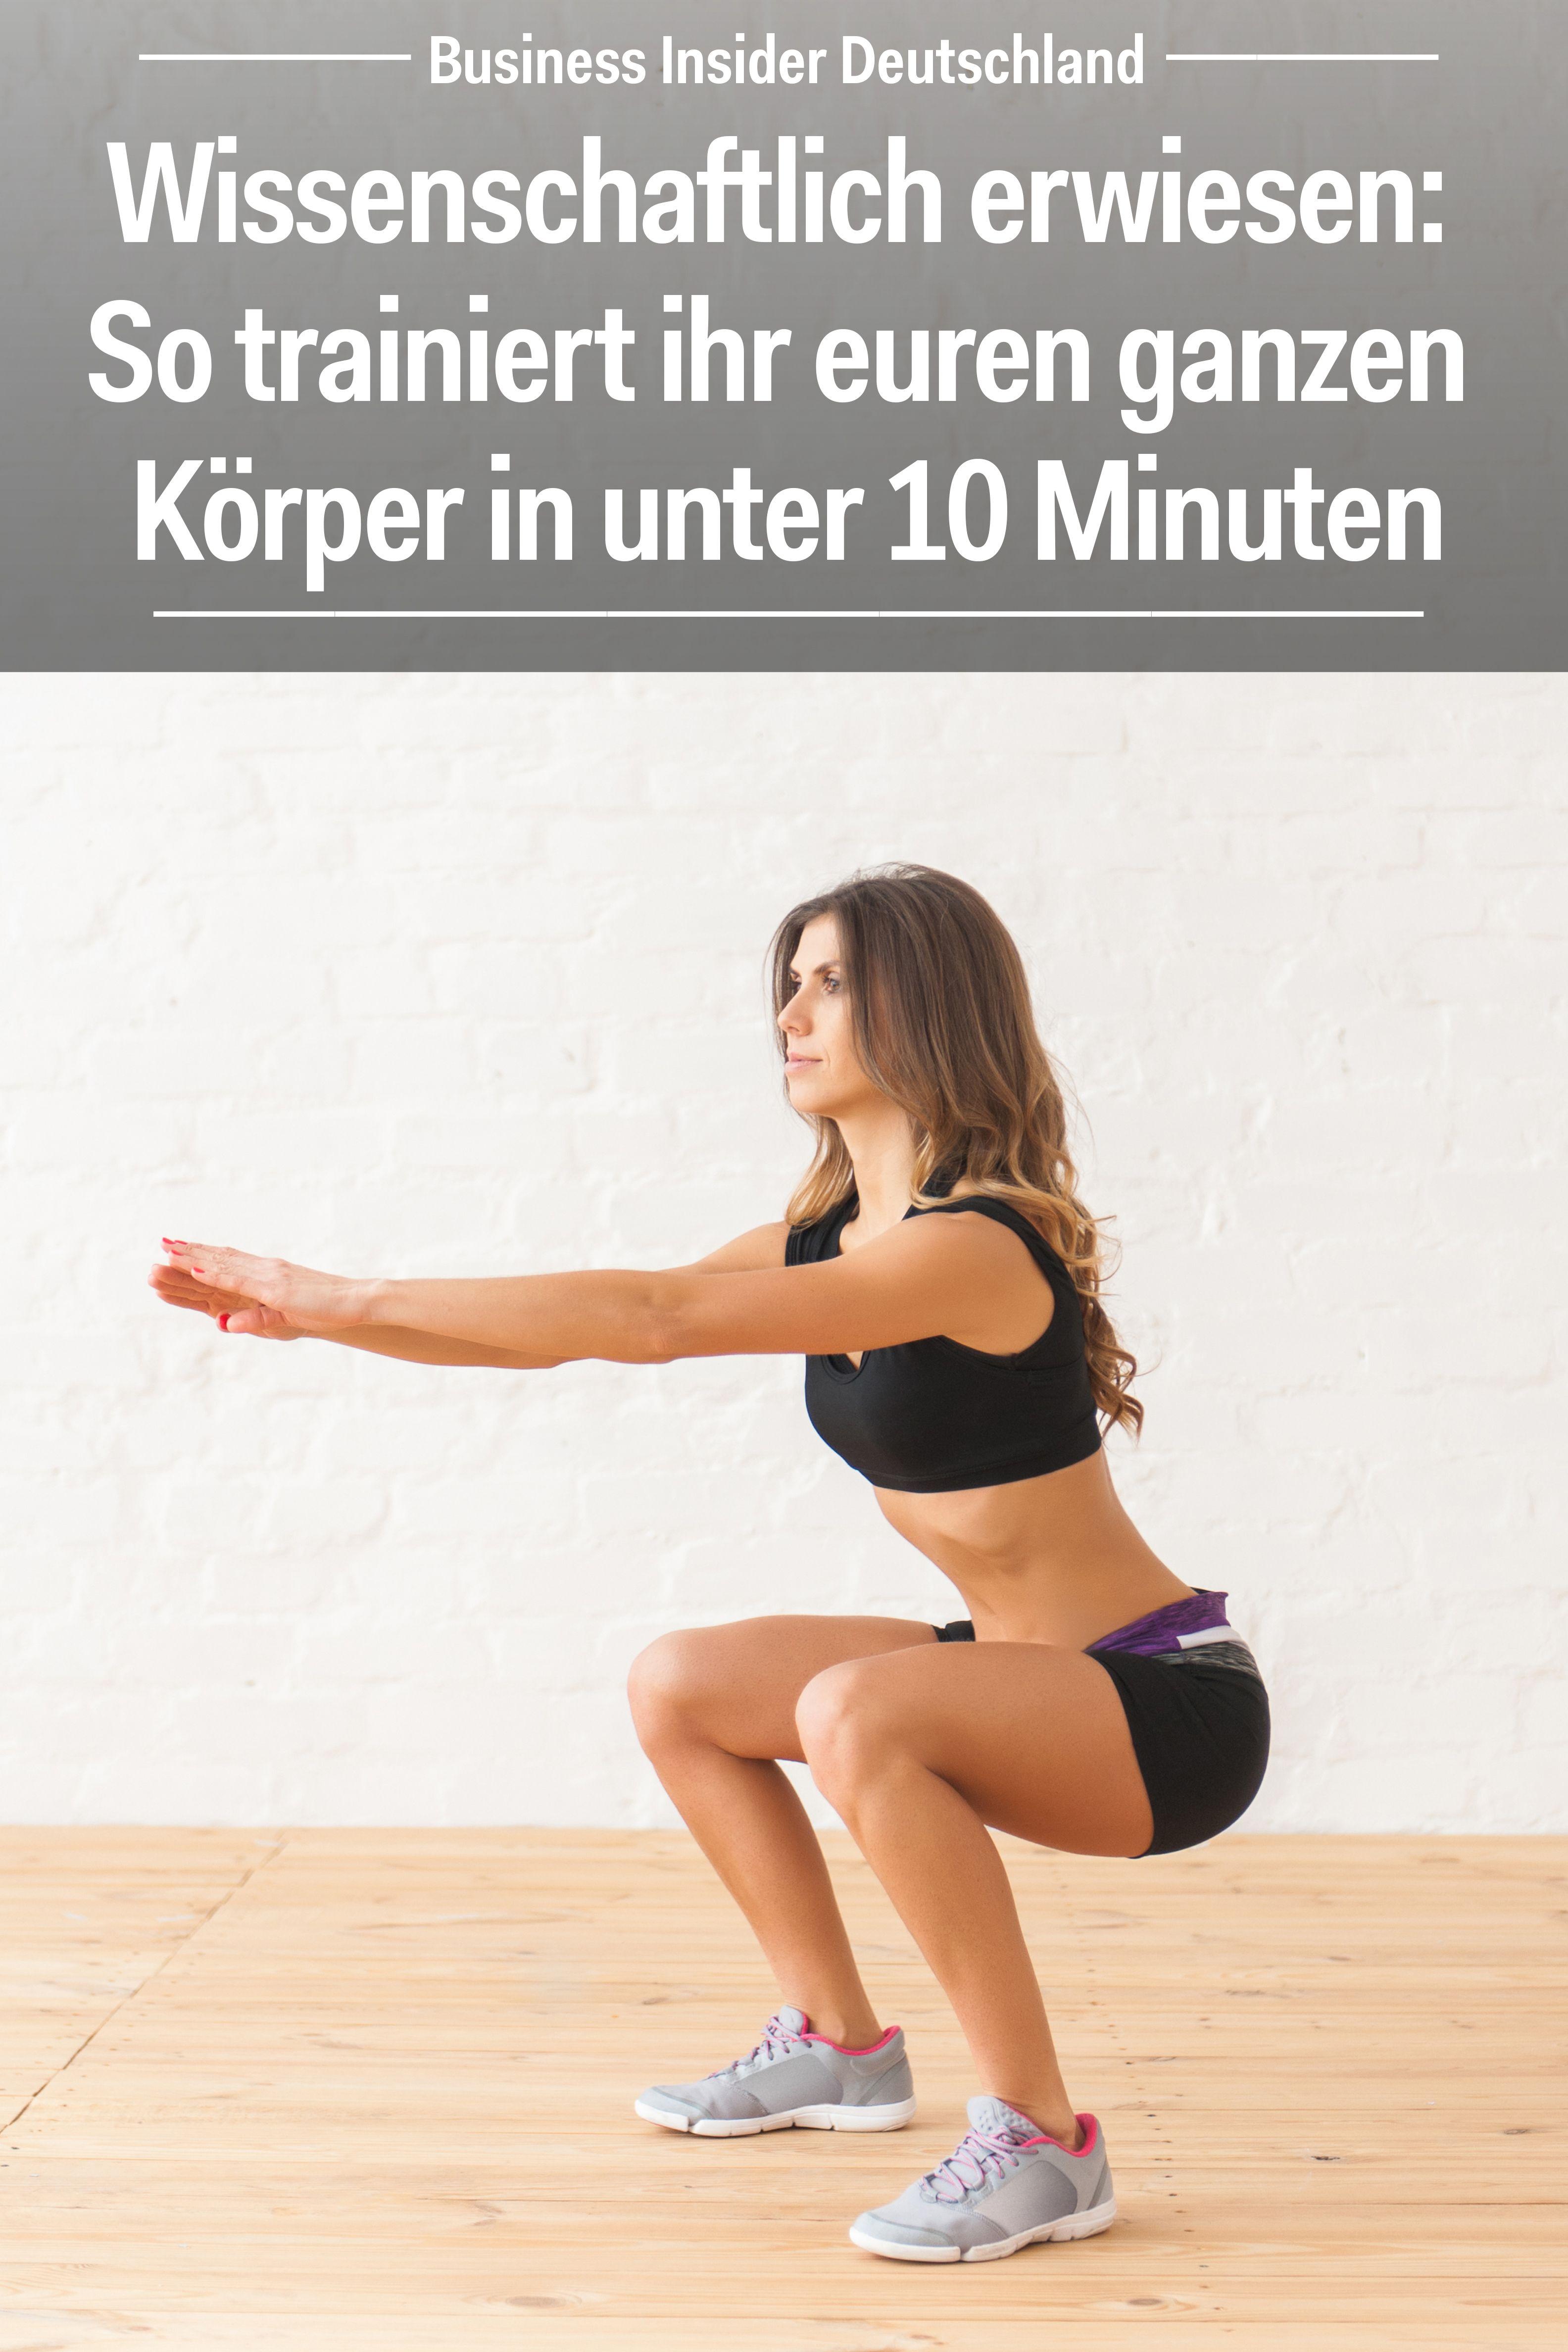 Wissenschaftlich erwiesen: So trainiert ihr euren ganzen Körper in unter 10 Minuten #workoutfood